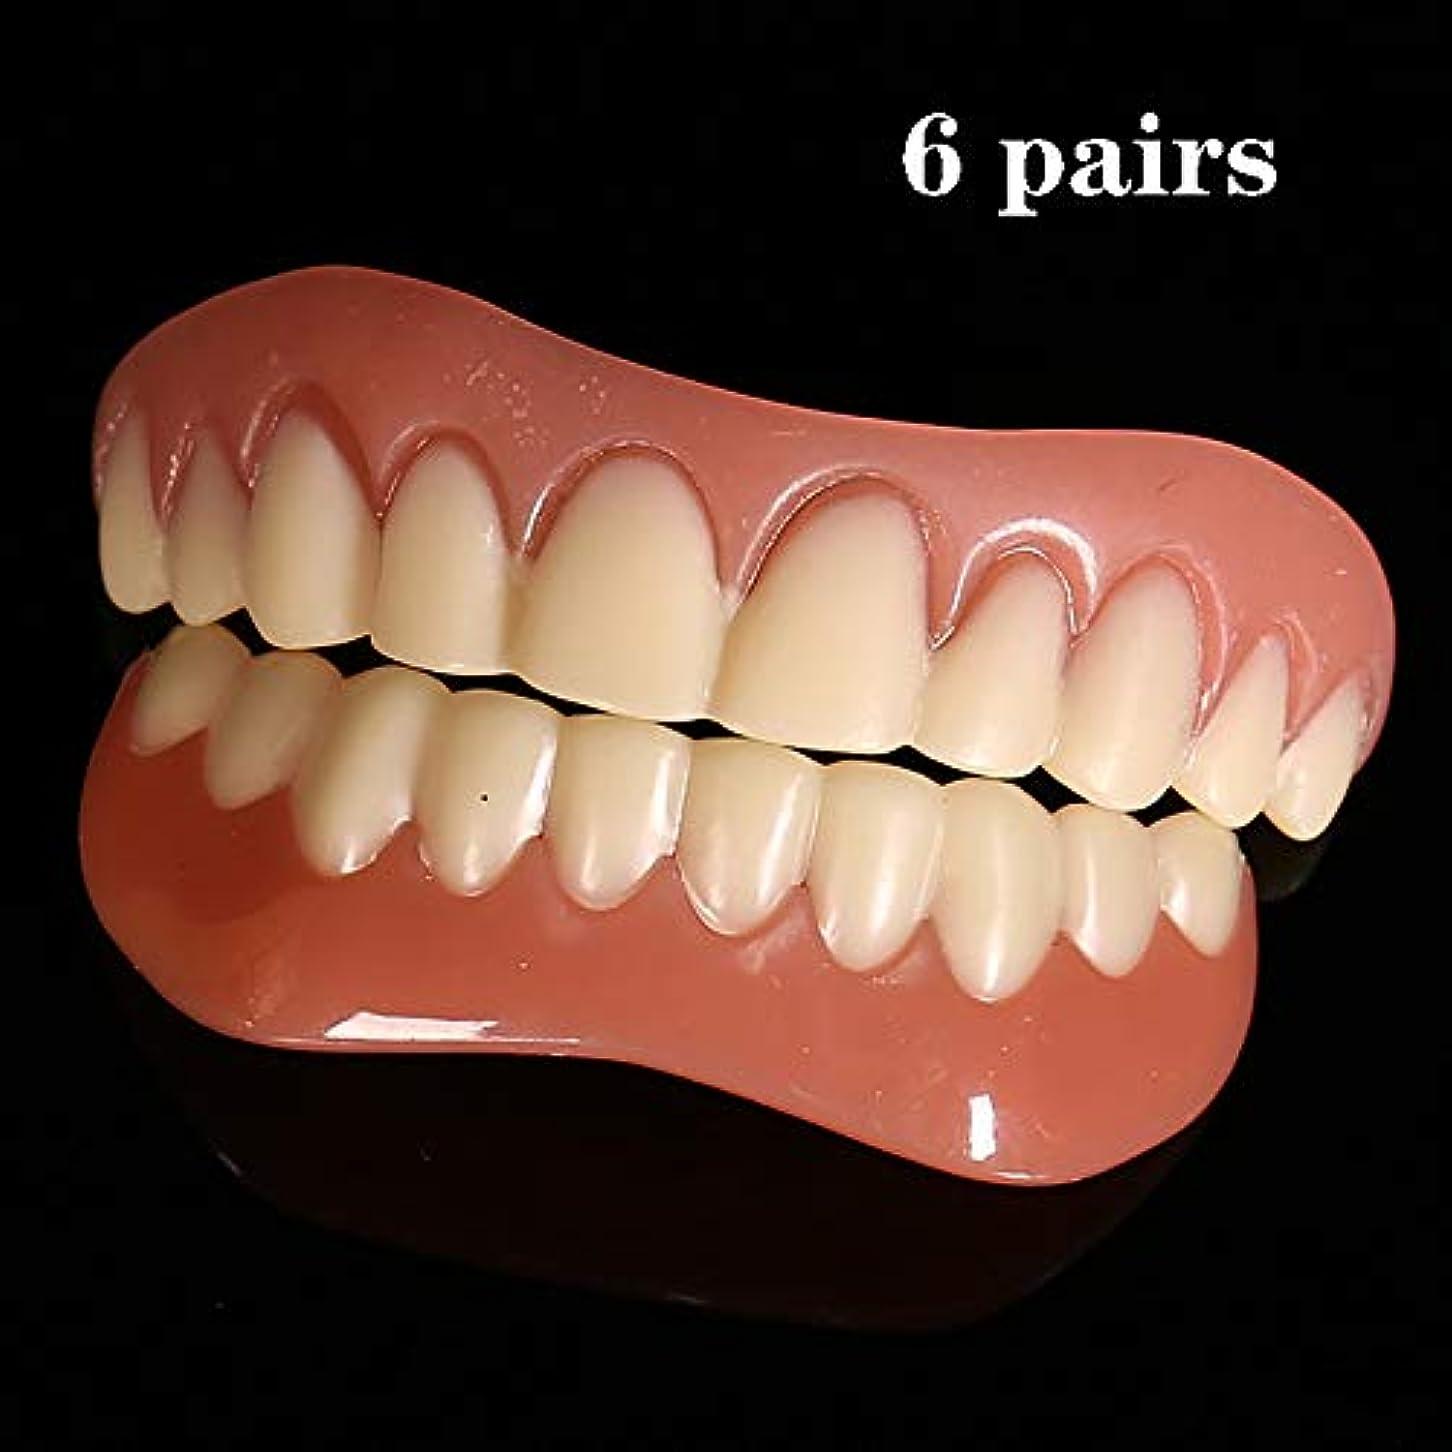 花火かる拡散する歯突き板化粧品歯スナップオンセキュア6ペア上下の快適さフィット歯突き板安全インスタントスマイル化粧品ワンサイズ